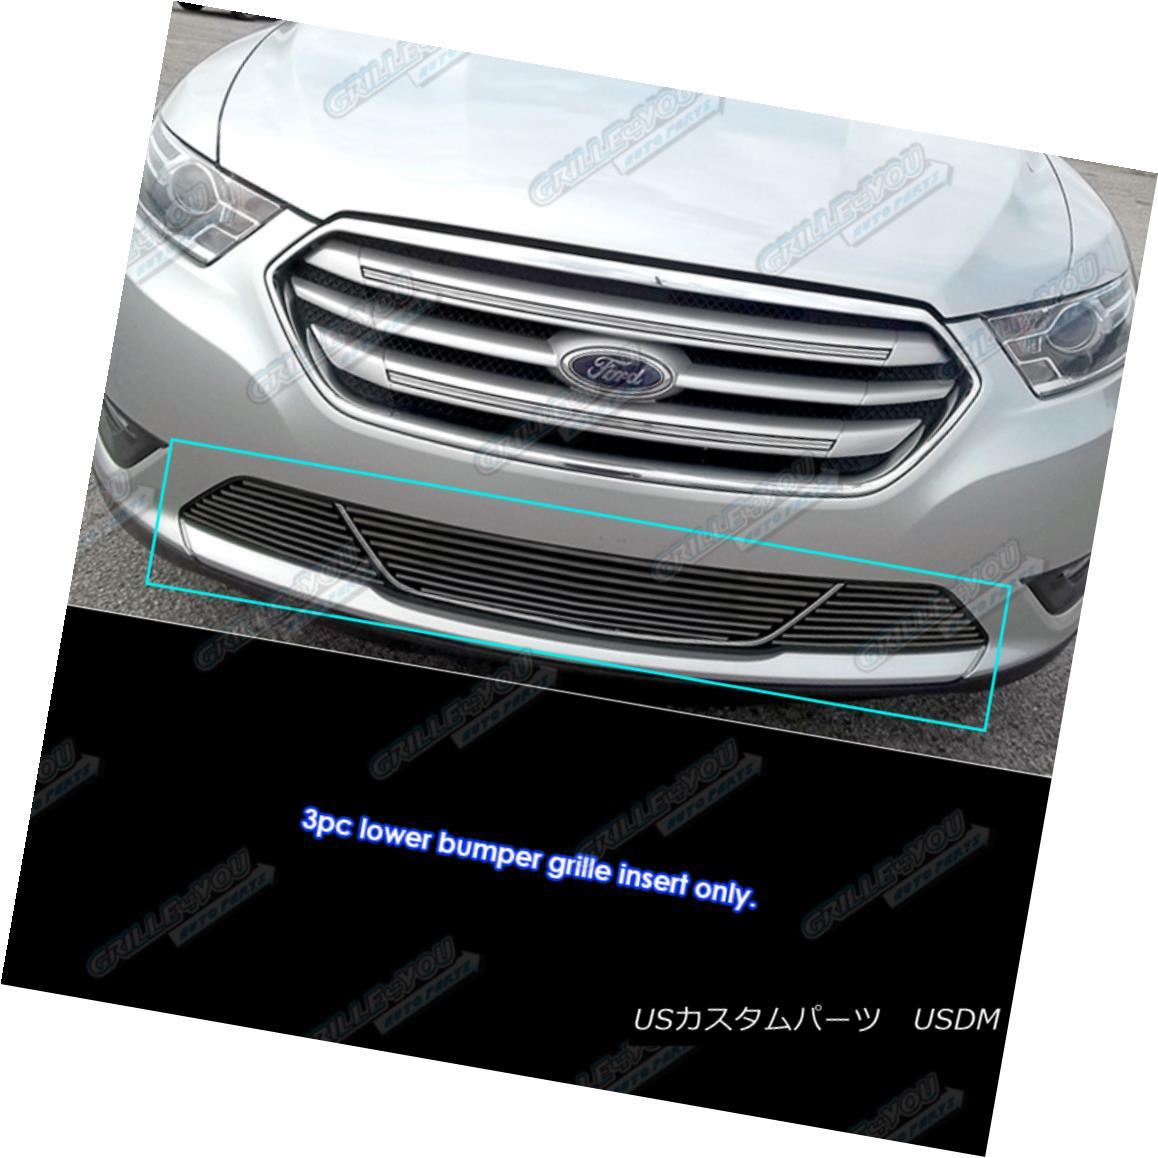 グリル Fits 2013-2017 Ford Taurus All Models with Honeycomb Bumper Black Billet Grille 2013-2017 Ford Taurusに適合ハニカムバンパーの全モデルBlack Billet Grille